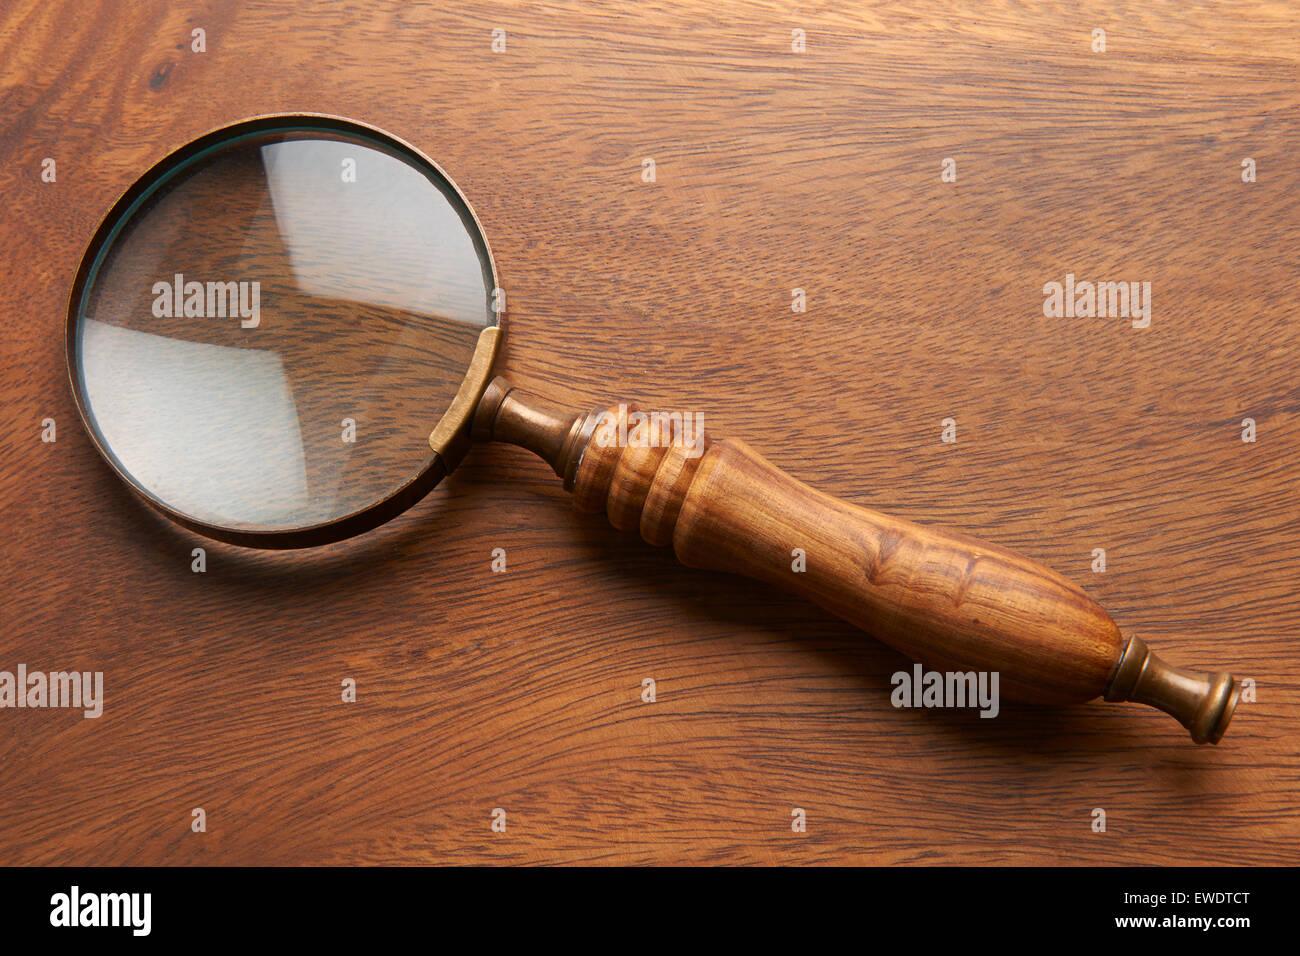 Lupa sobre fondo de madera Imagen De Stock